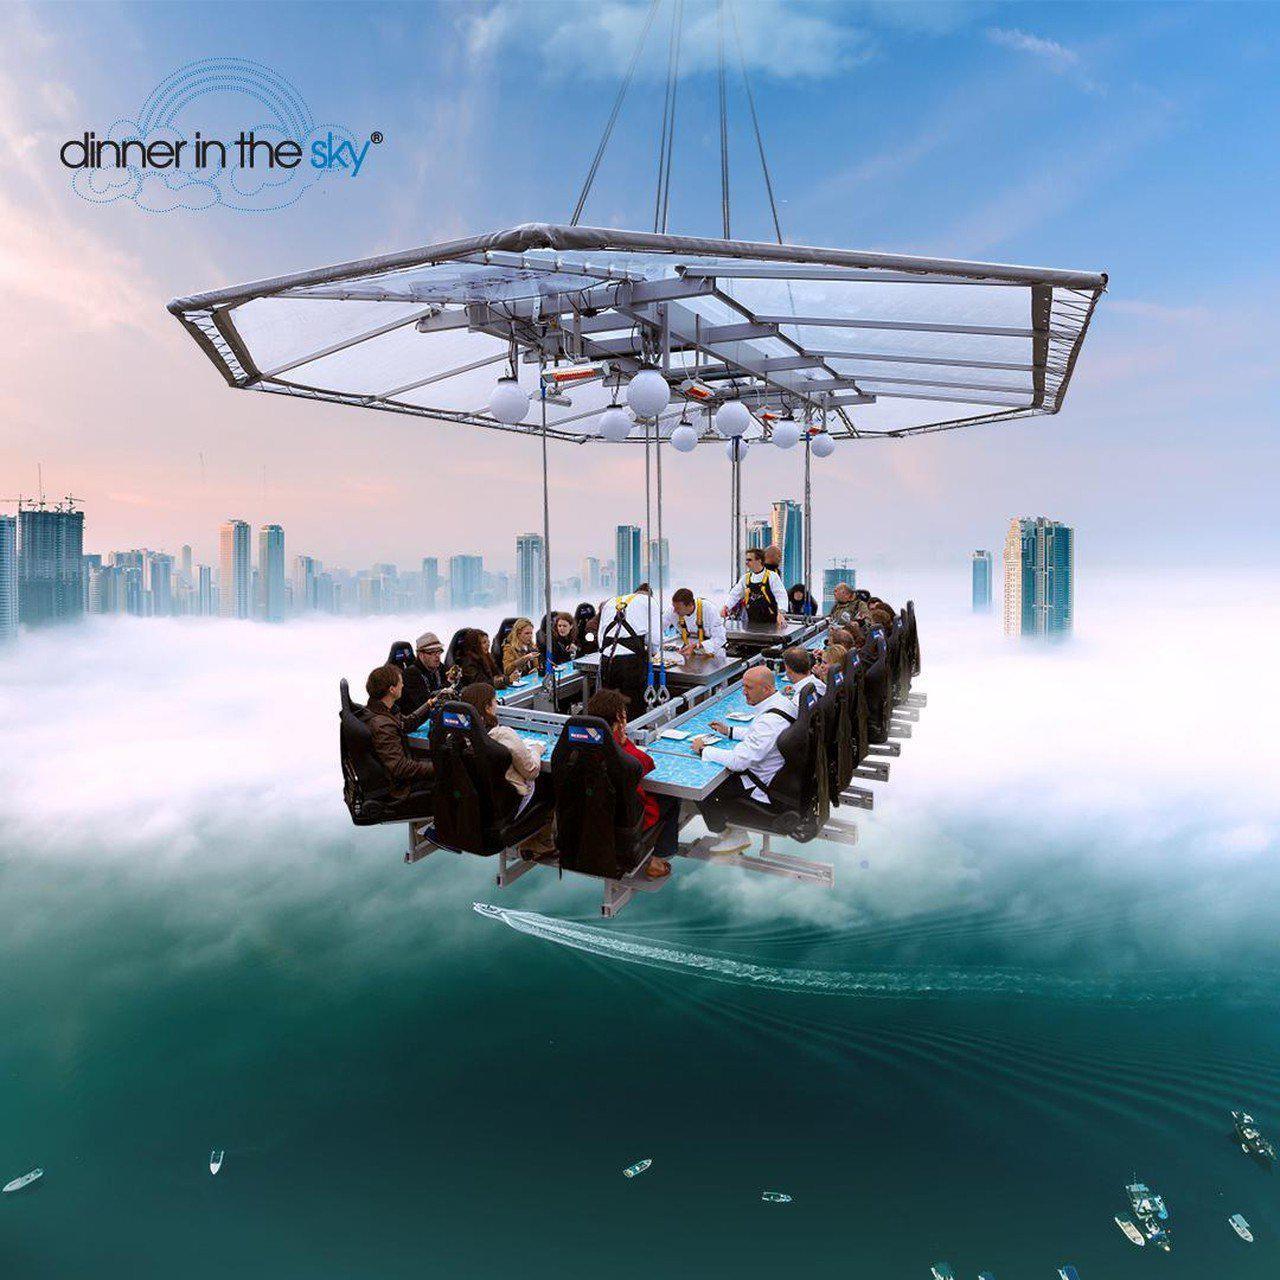 Köln corporate event spaces Außergewöhnlich Dinner in the sky image 0